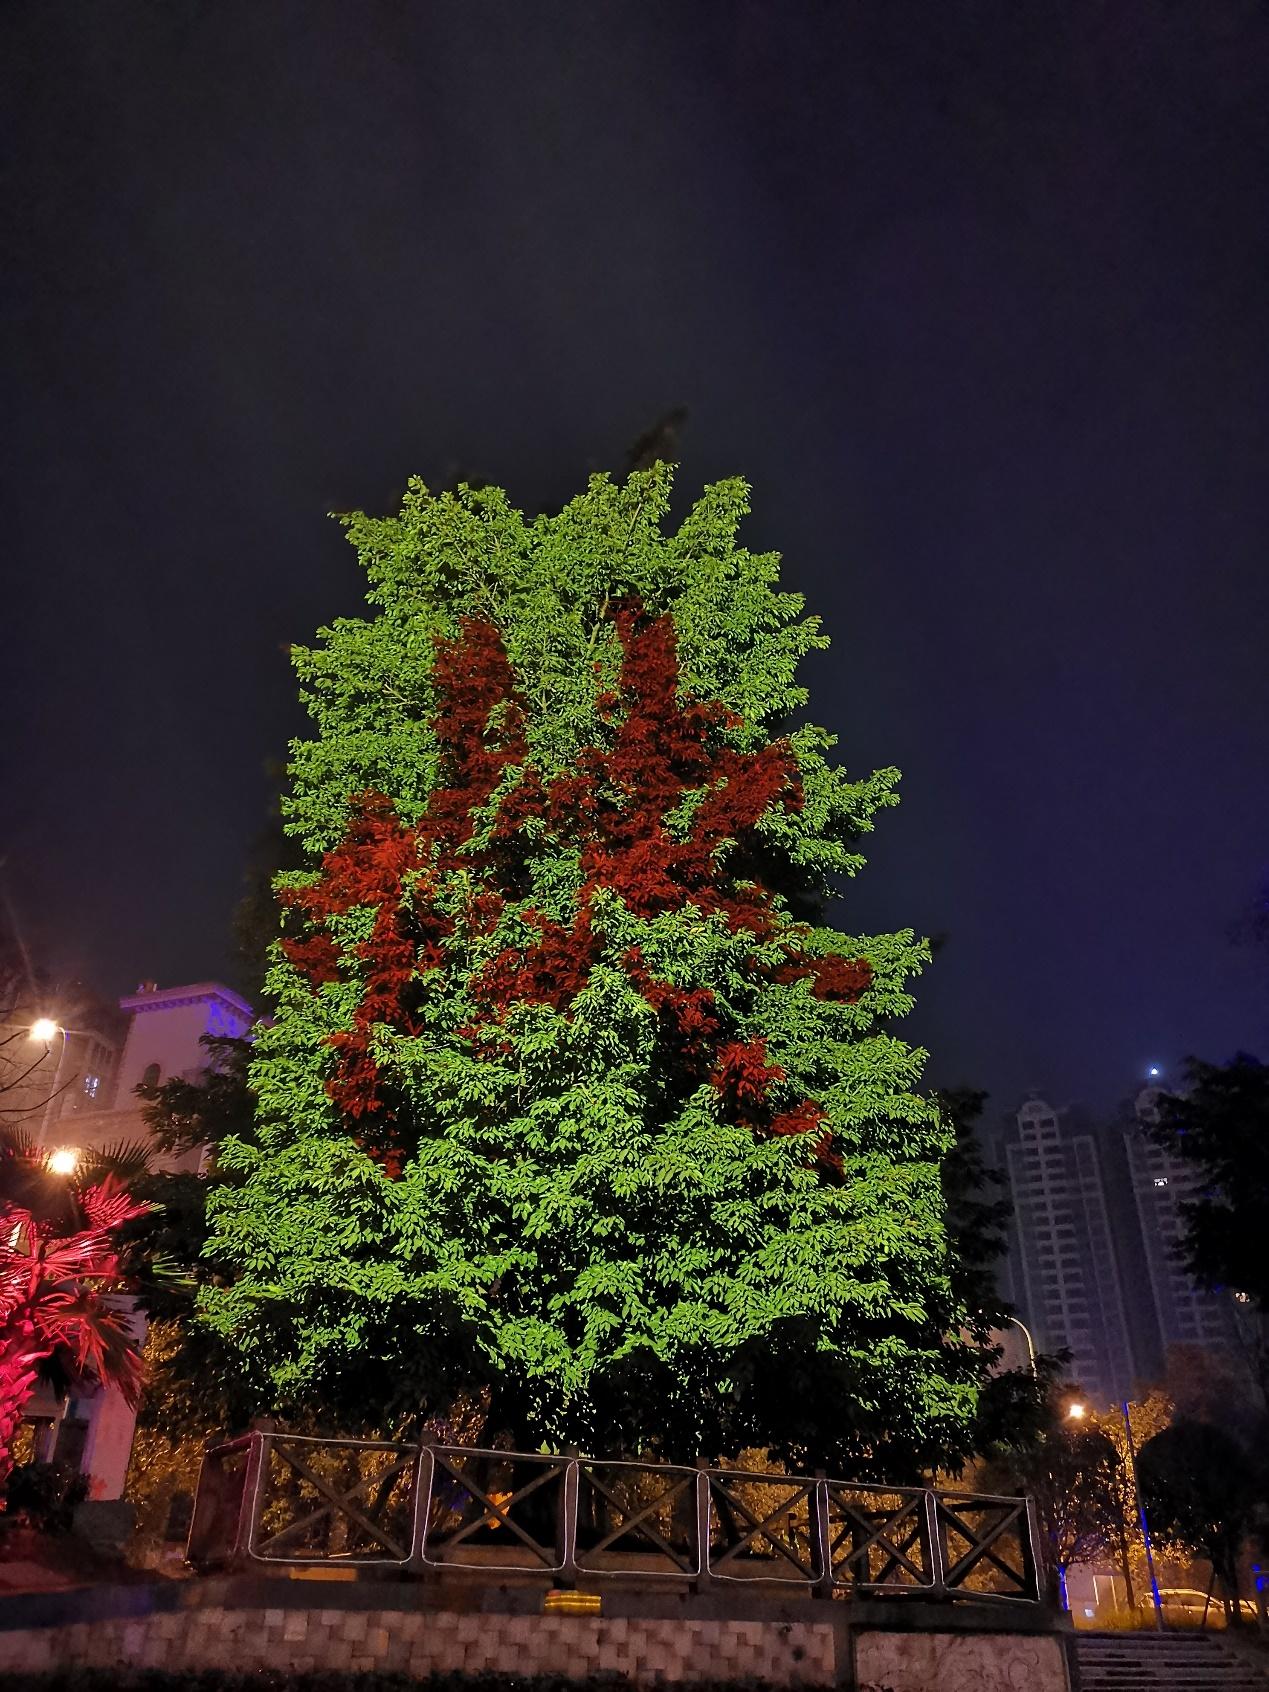 """又逢元宵佳节时 NEC英雄打造光影""""魔树""""扮靓蓉城不夜天-视听圈"""